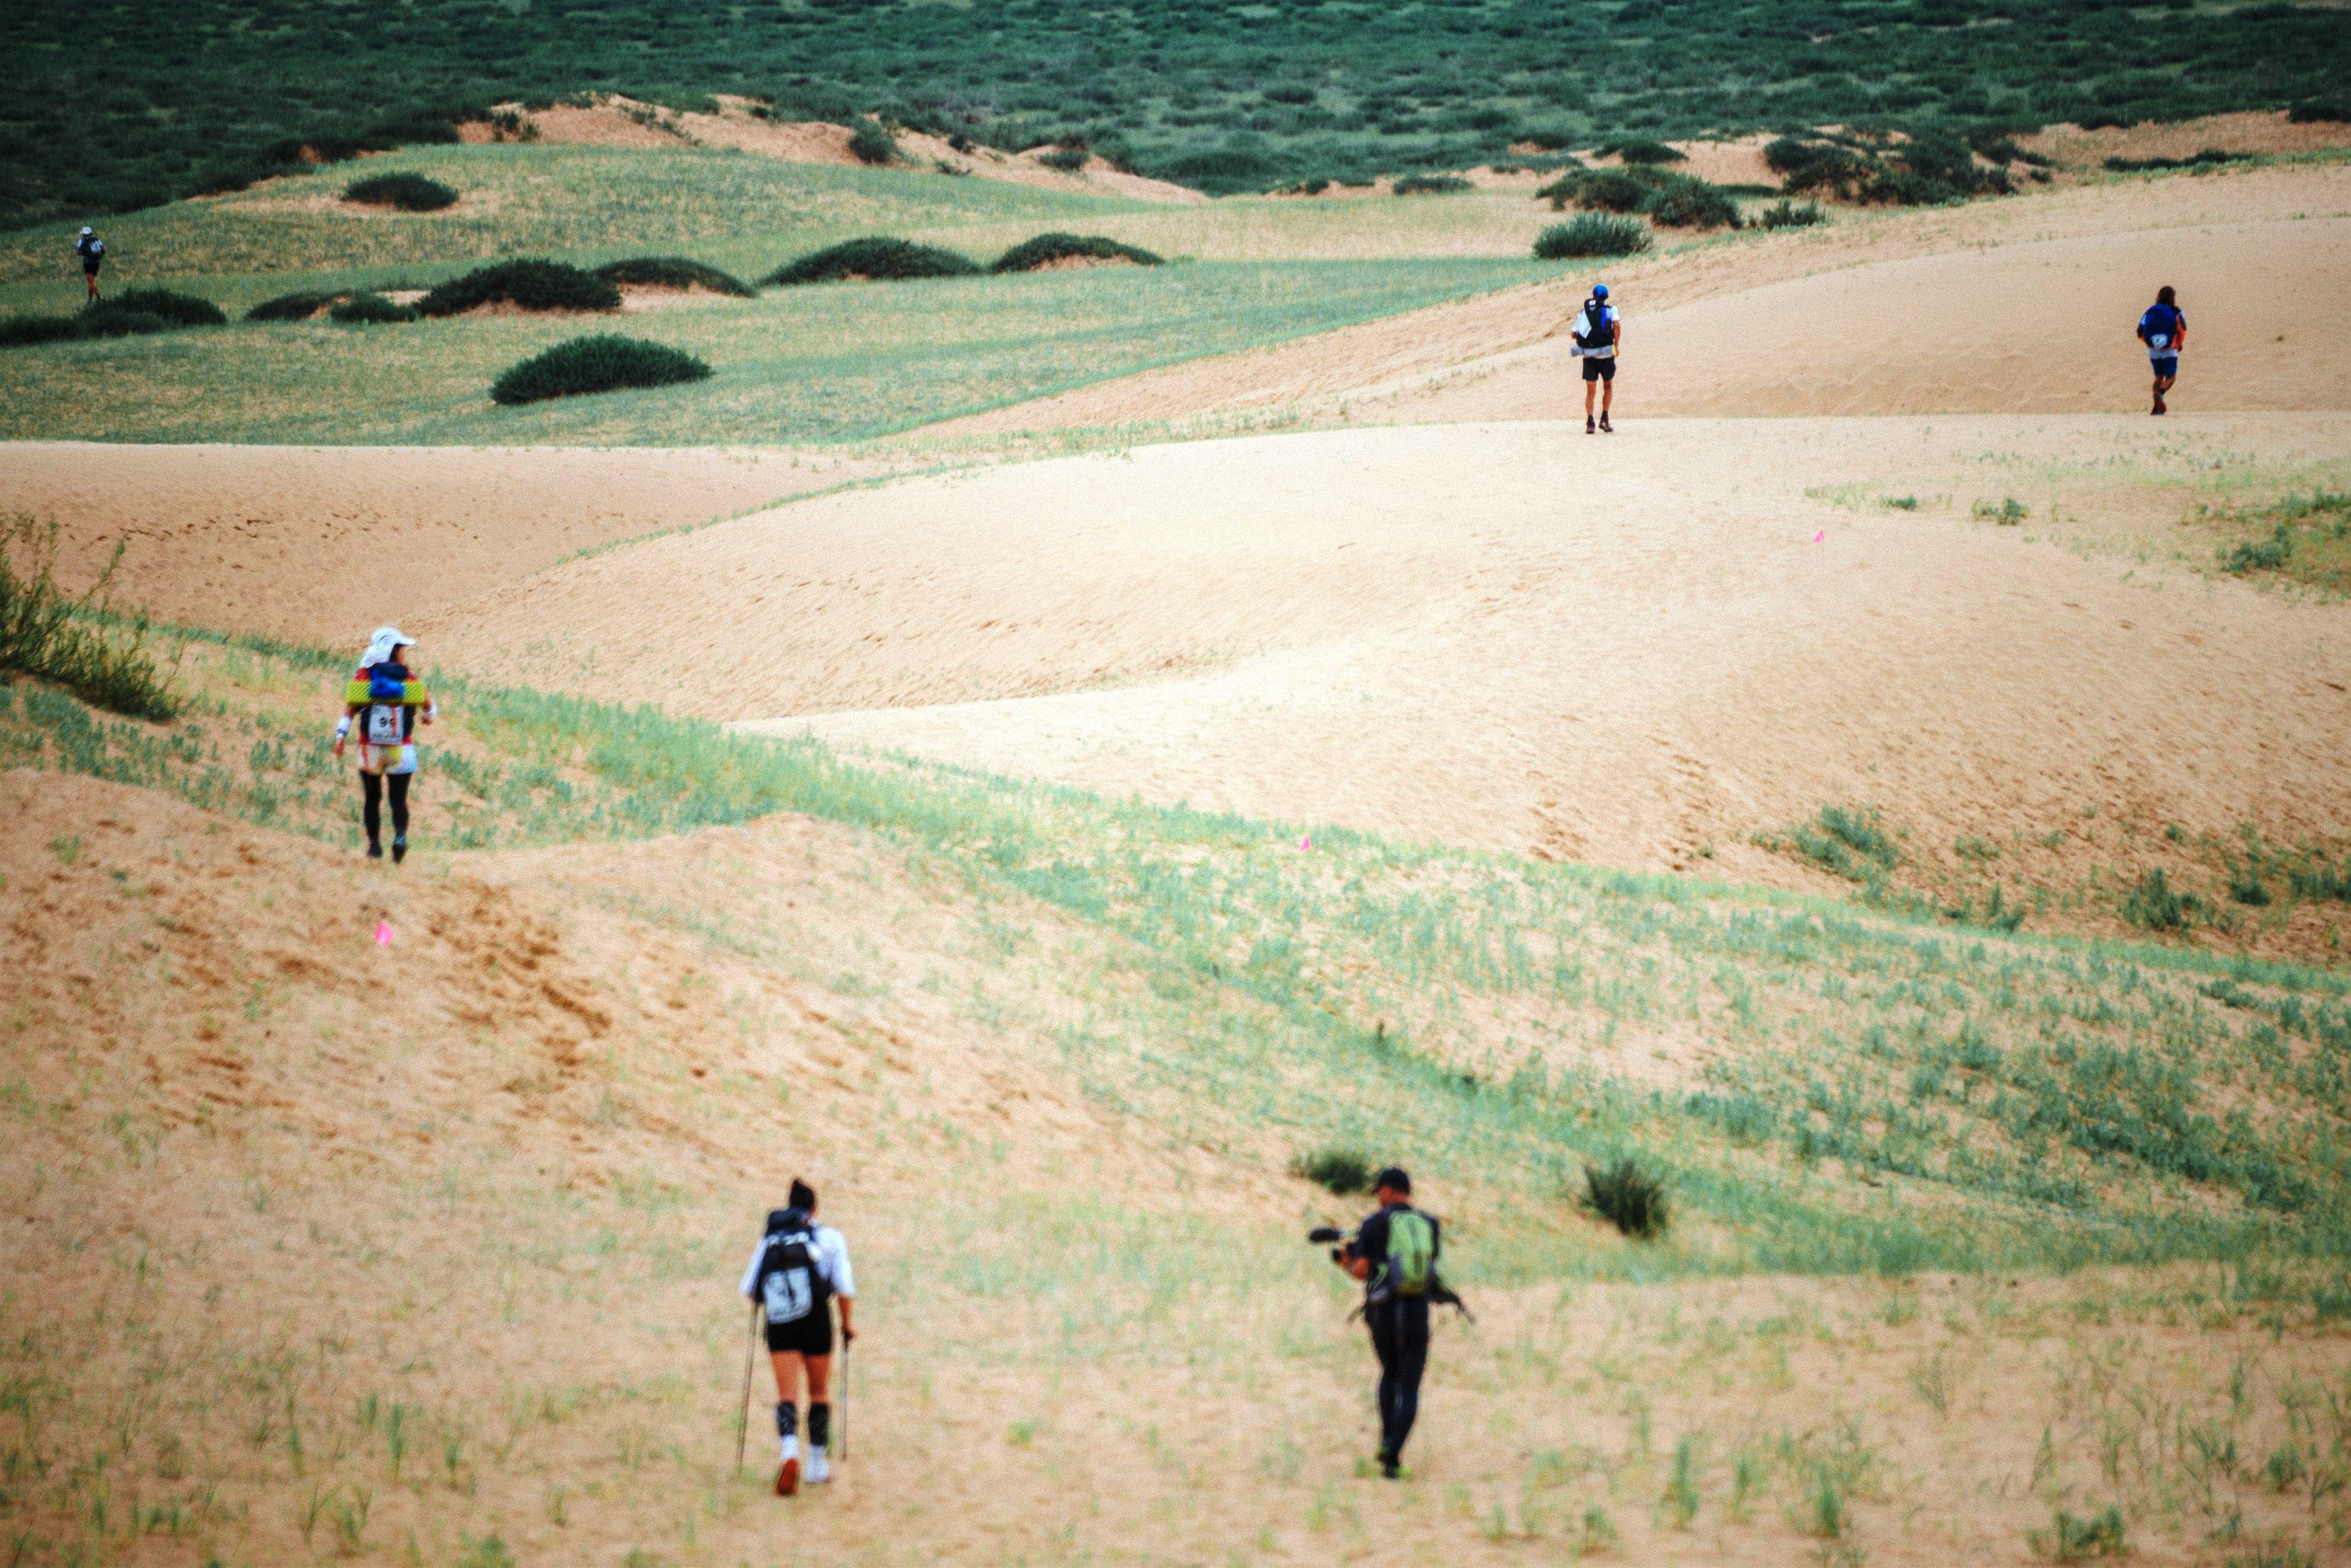 STAGE 3: Dunes!